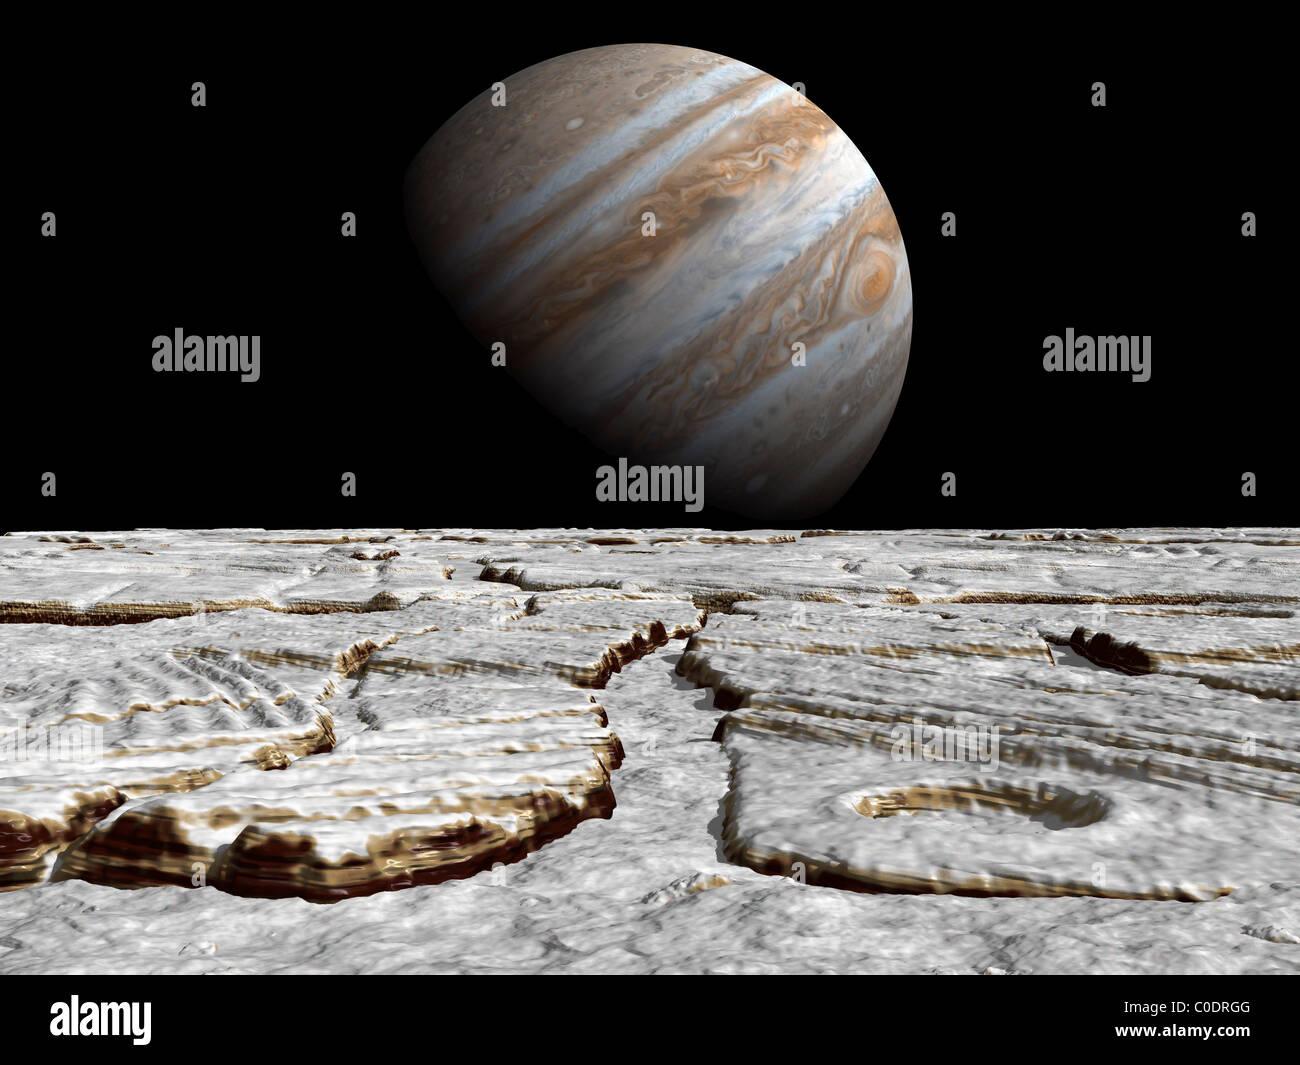 Artista del concetto di Giove come si vede attraverso la superficie ghiacciata della sua luna di Europa. Immagini Stock